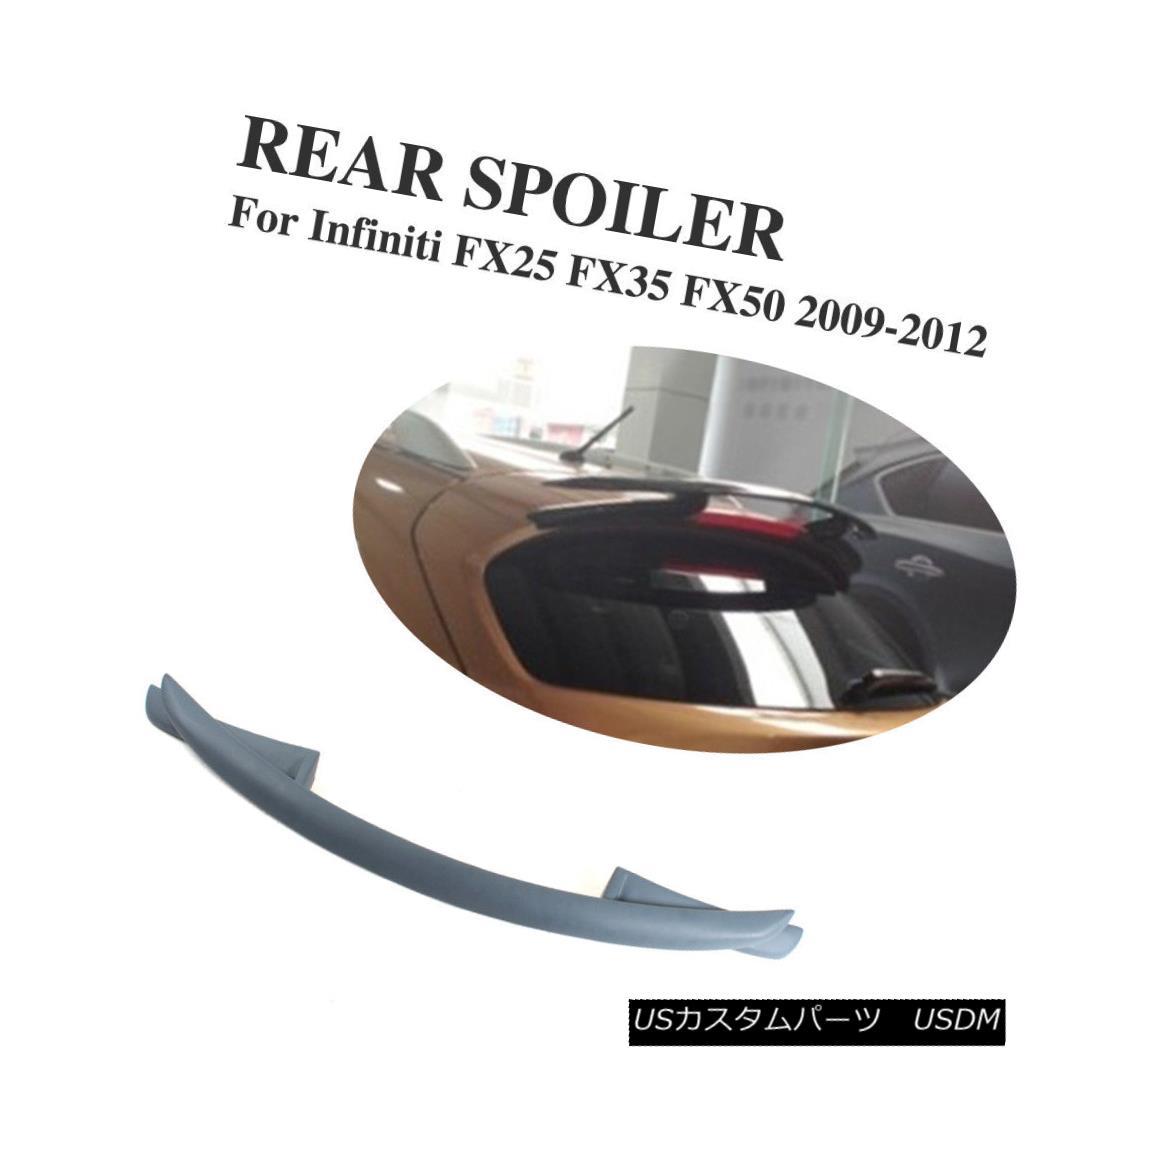 エアロパーツ Rear Roof Spoiler Bumper Wing Lip Fit For Infiniti FX25 FX35 FX50 2009-2012 インフィニティFX25 FX35 FX50 2009-2012用リアルーフスポイラーバンパーウィングリップフィット